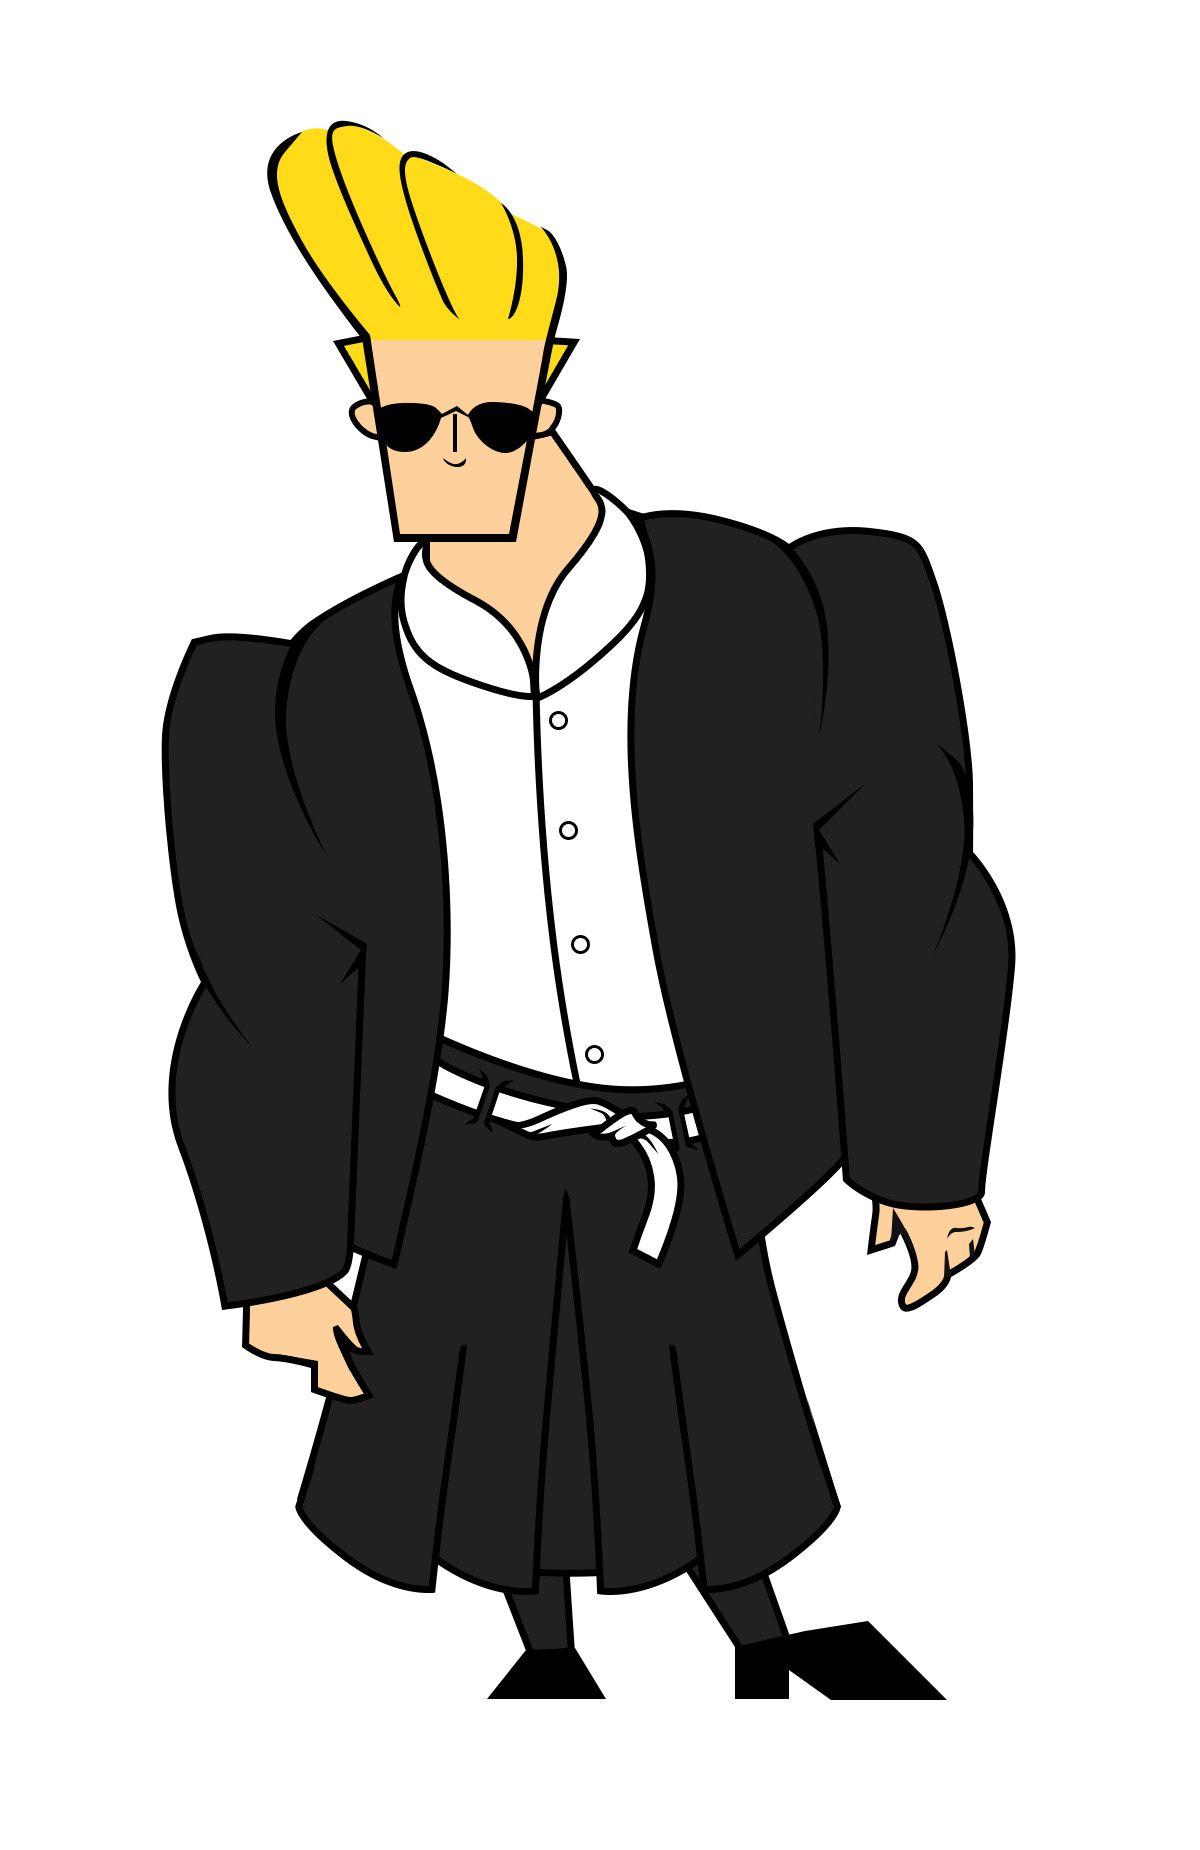 Cartoon Characters Named Johnny : Johnny s wearing yohji yamamoto the iconic cartoon